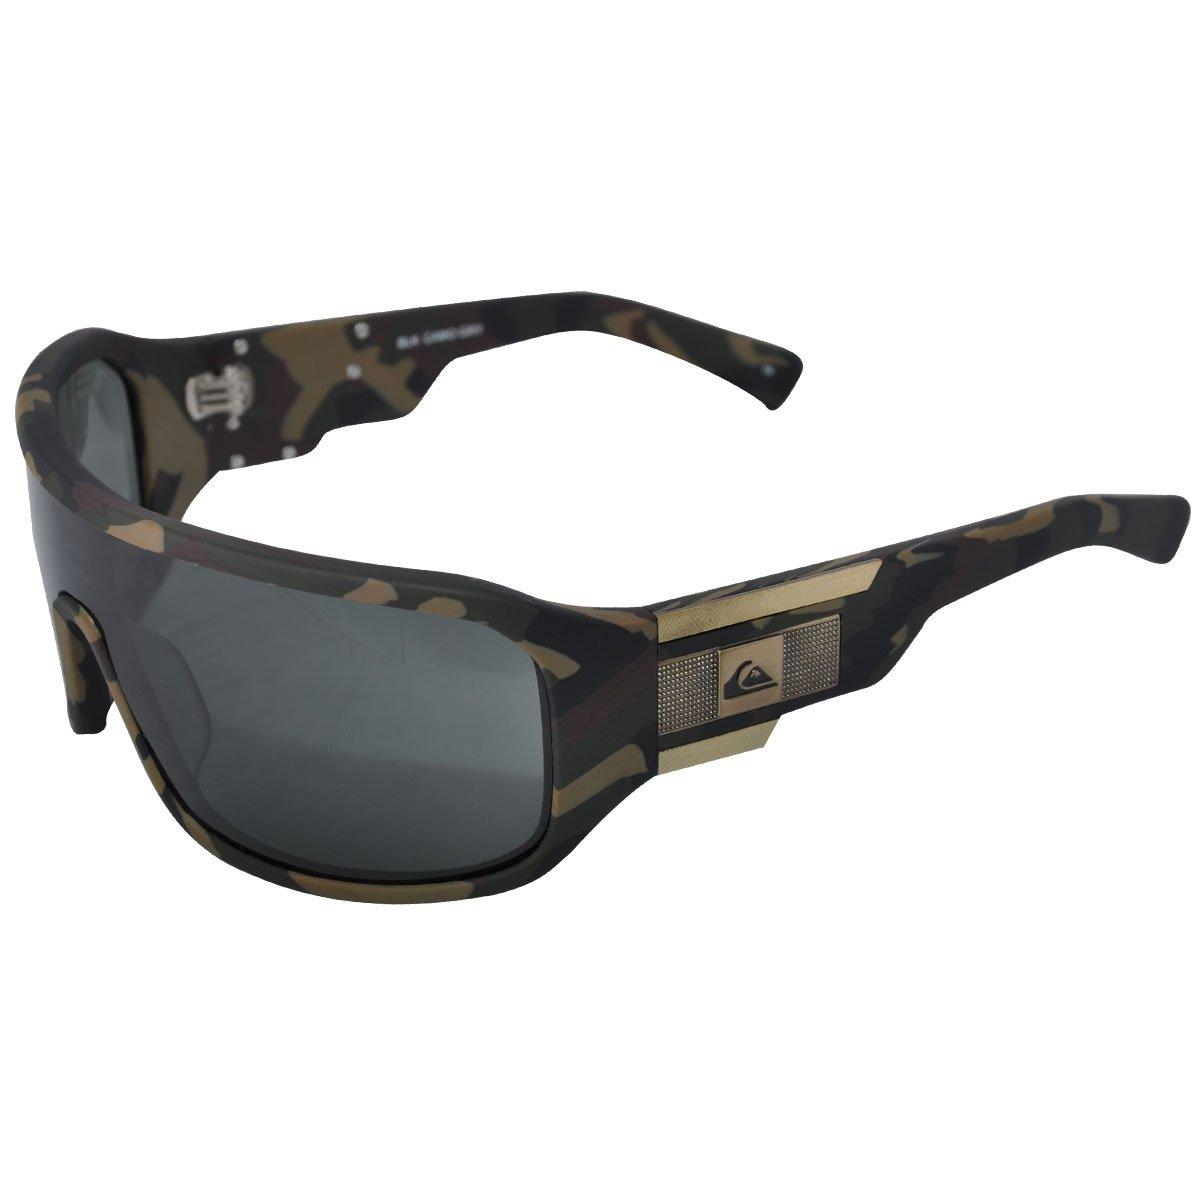 8a045fe2a1ddf Óculos Quiksilver Racer - Compre Agora